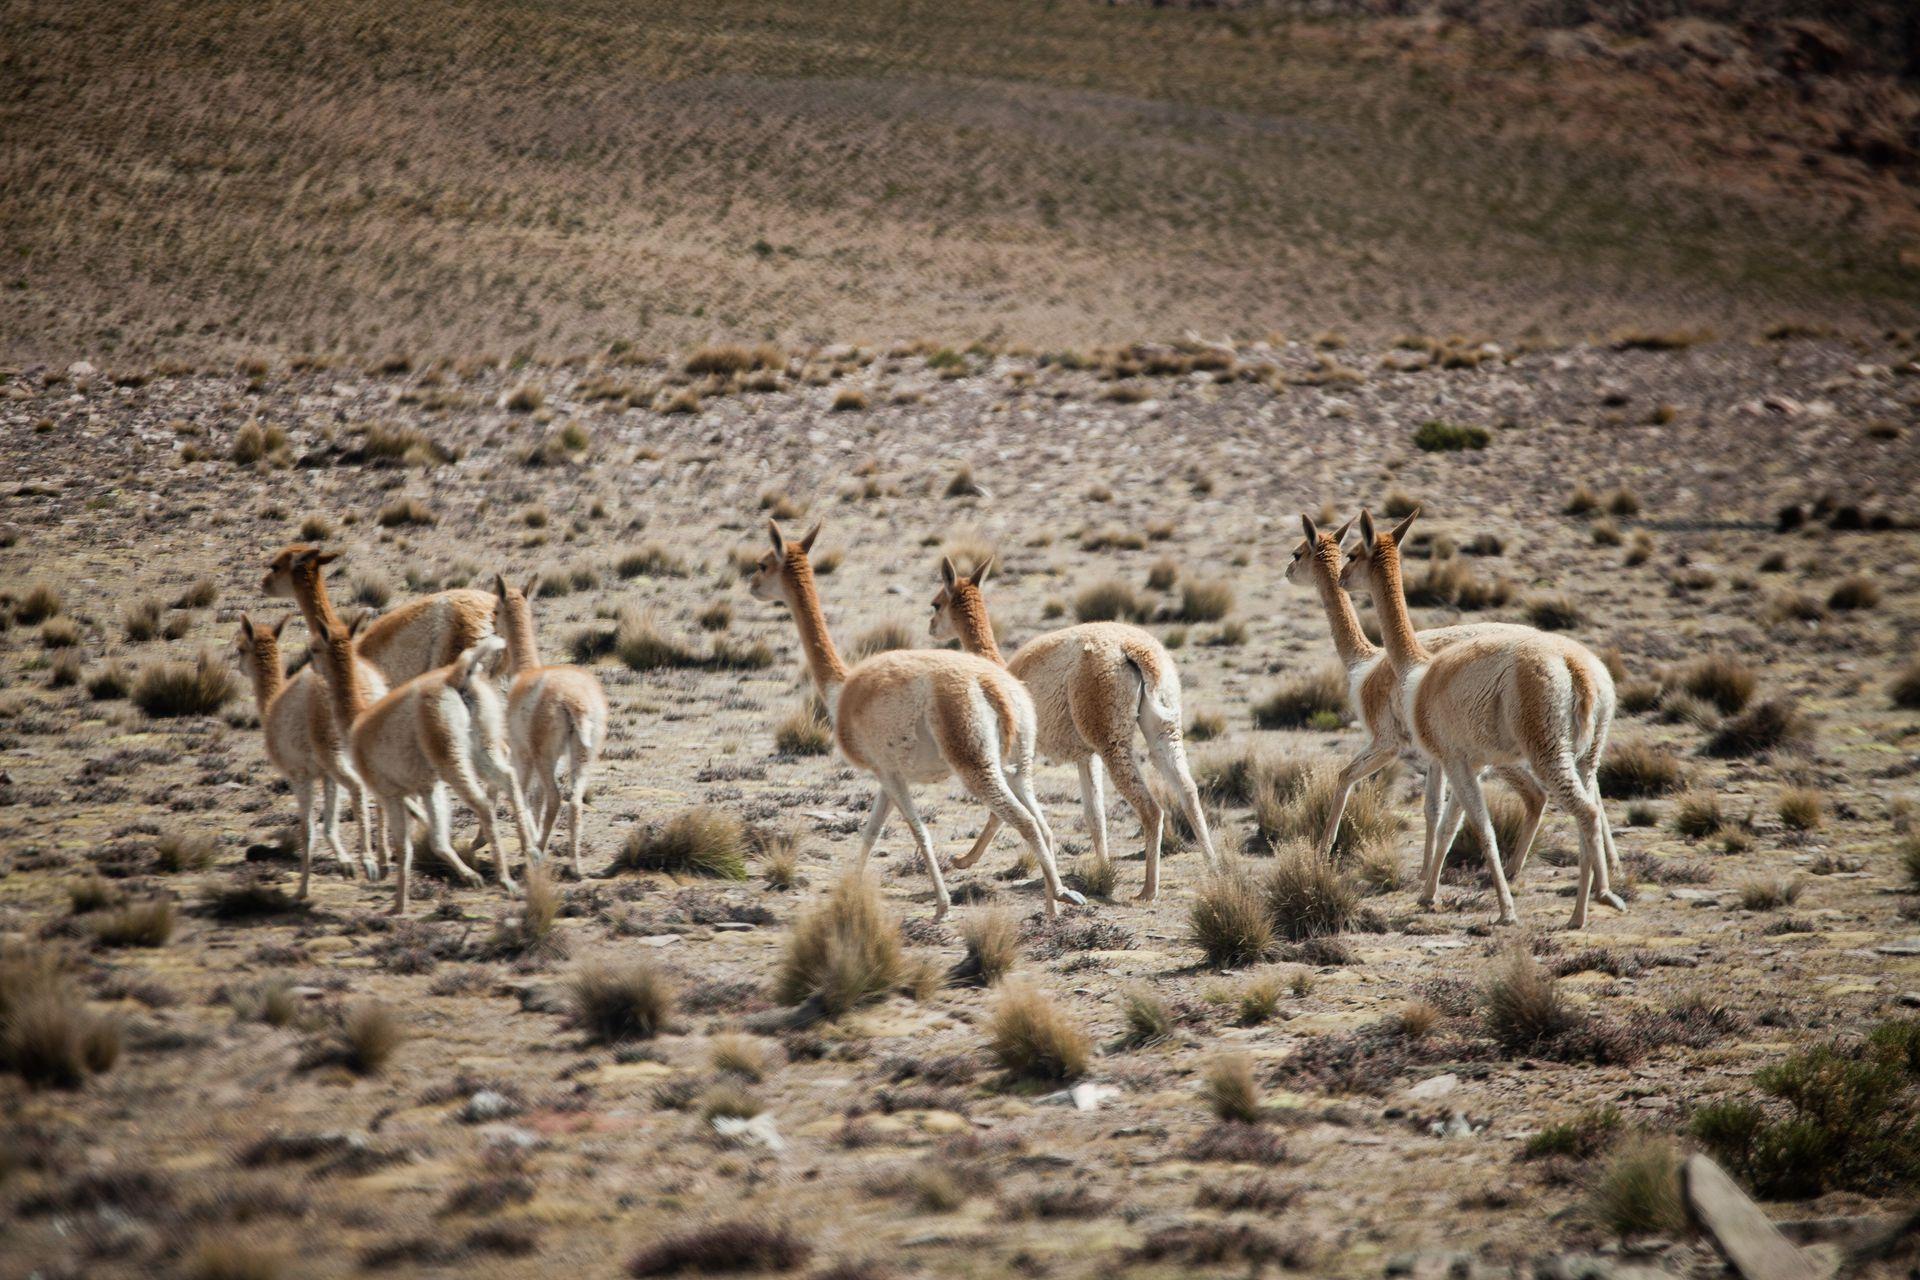 Las tropillas de vicuñas suelen desplazarse con mucha rapidez y aparecen como una ilusión óptica provocada por la altura.